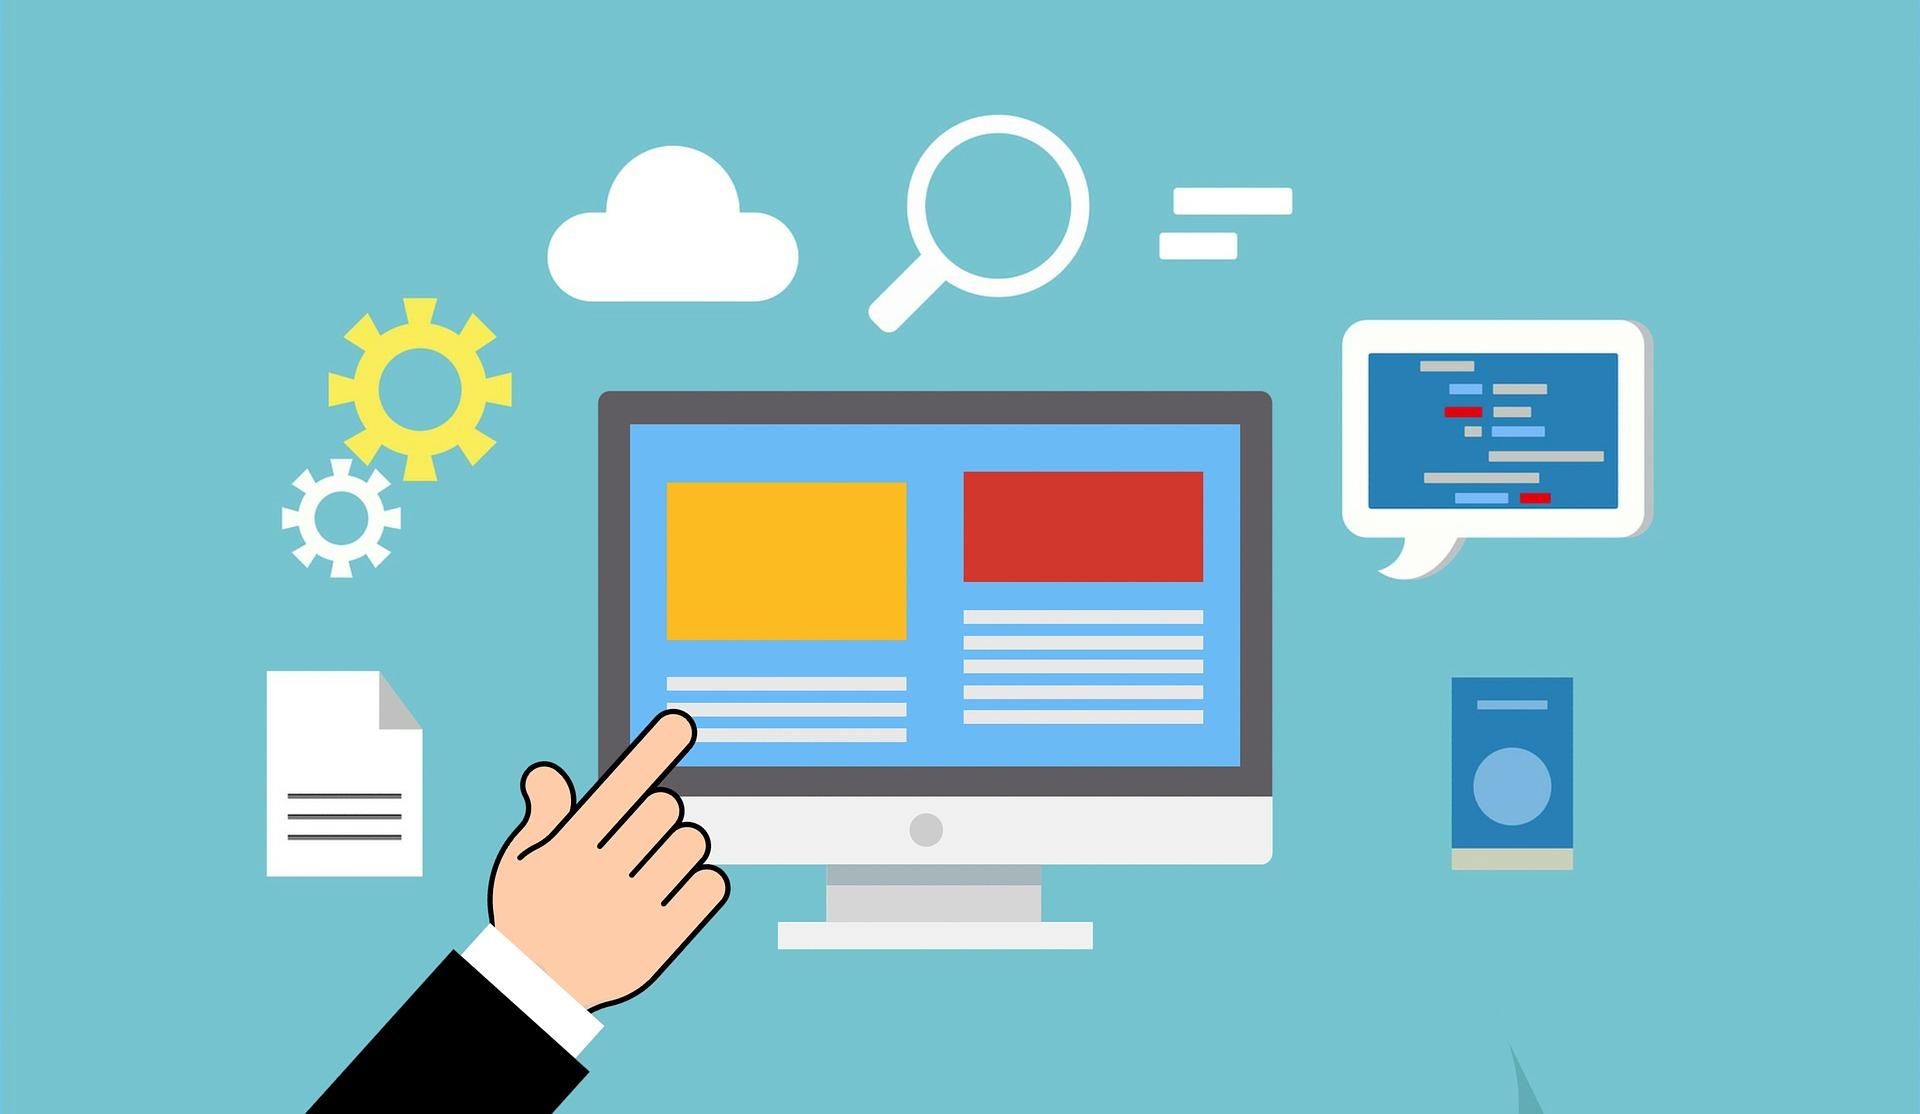 illustration: bildskärm omgiven av en pekande hand och olika symboler för digital teknik